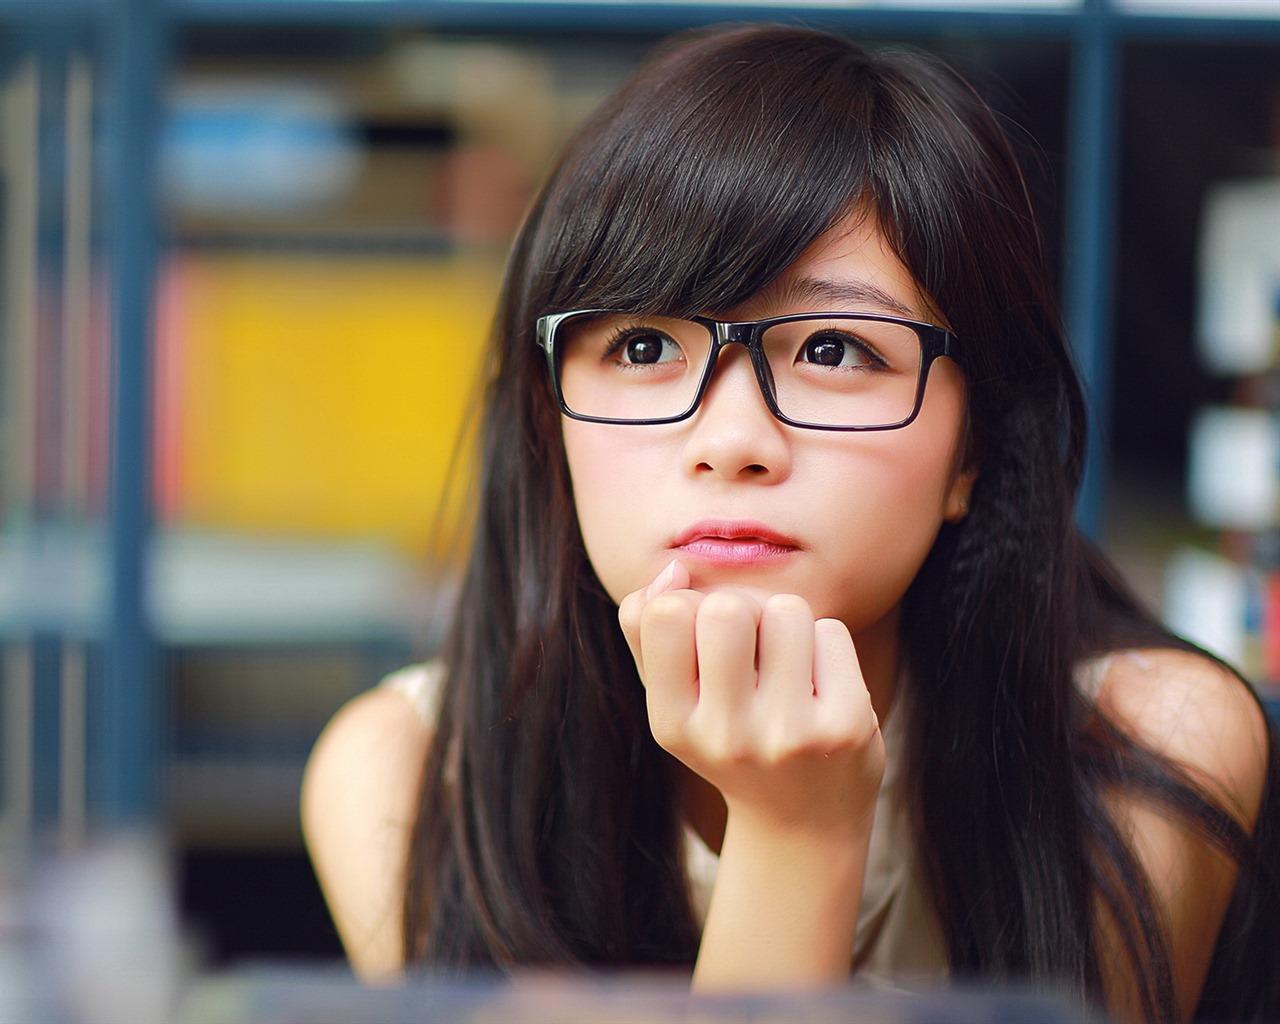 亚洲高清合集一区_清纯可爱年轻的亚洲女孩 高清壁纸合集(一)6 - 1280x1024